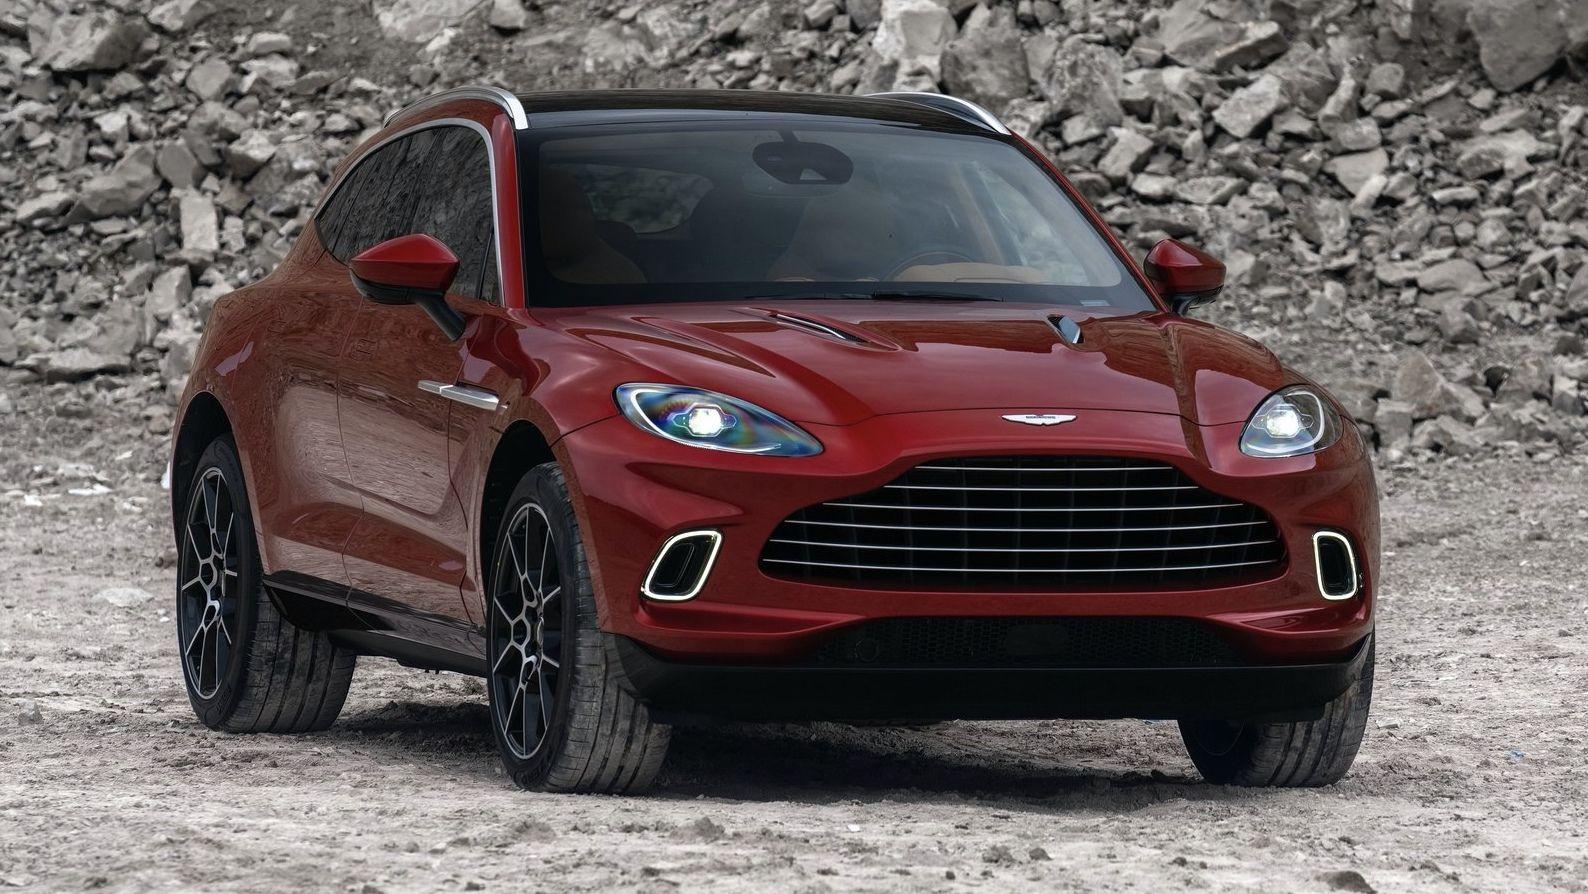 Spadla ďalšia tradičná hradba. Aston Martin DBX je prvým SUV-čkom značky